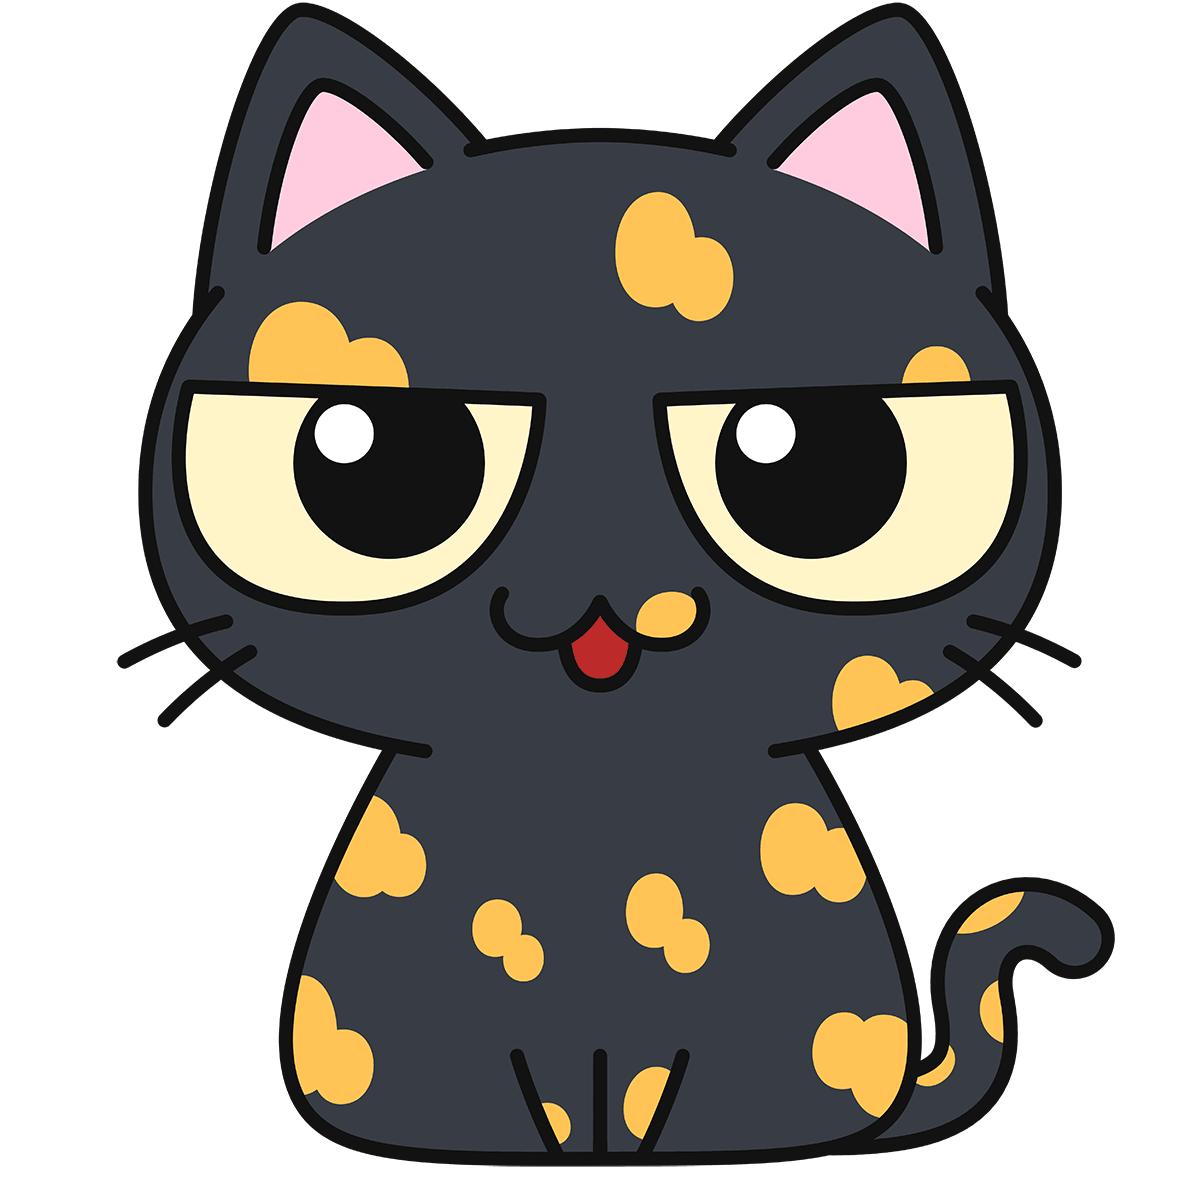 サビ猫(話す)の無料イラスト